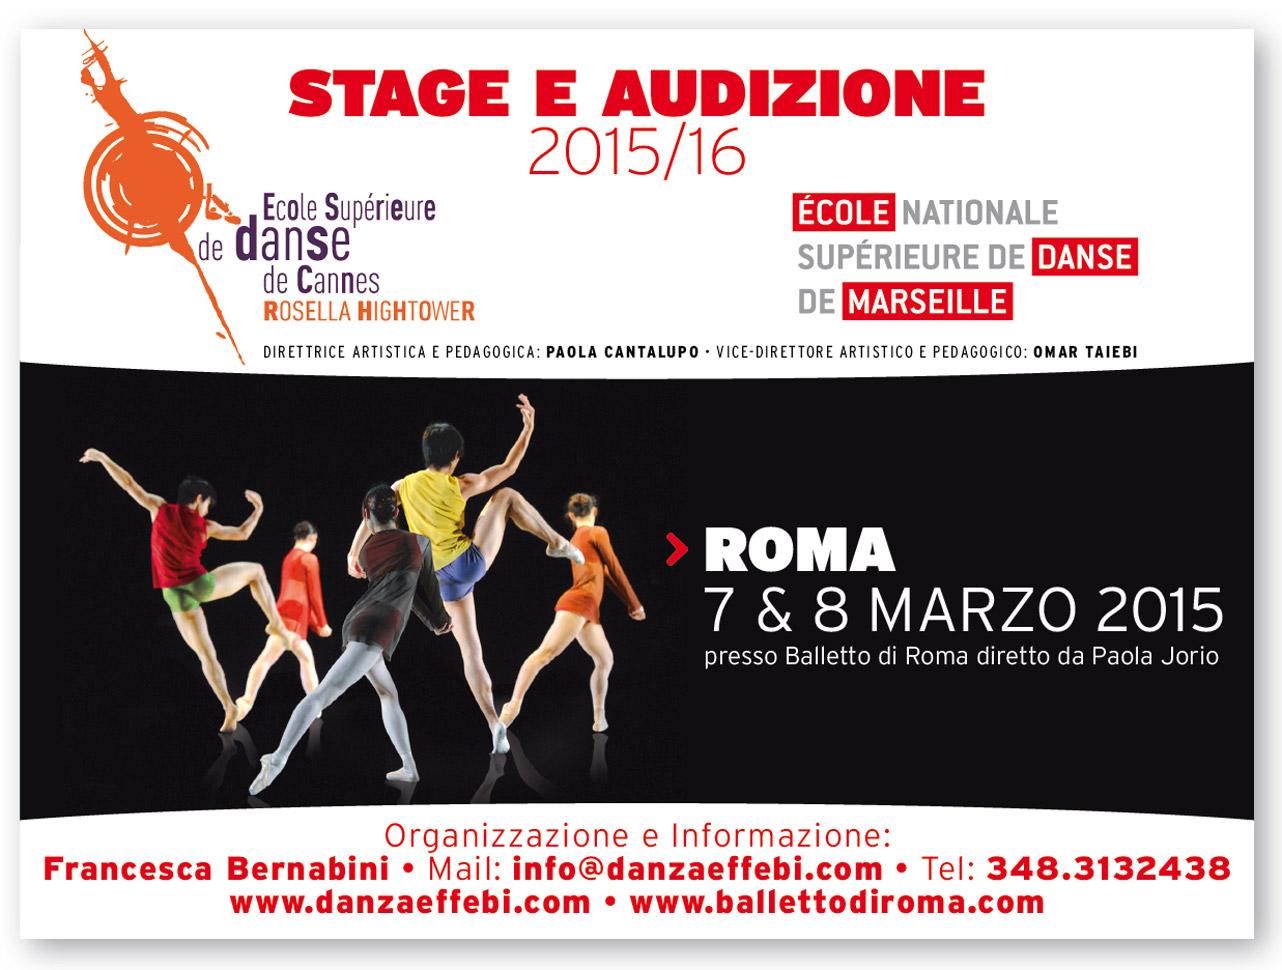 Stage e Audizione Cannes e Marsiglia